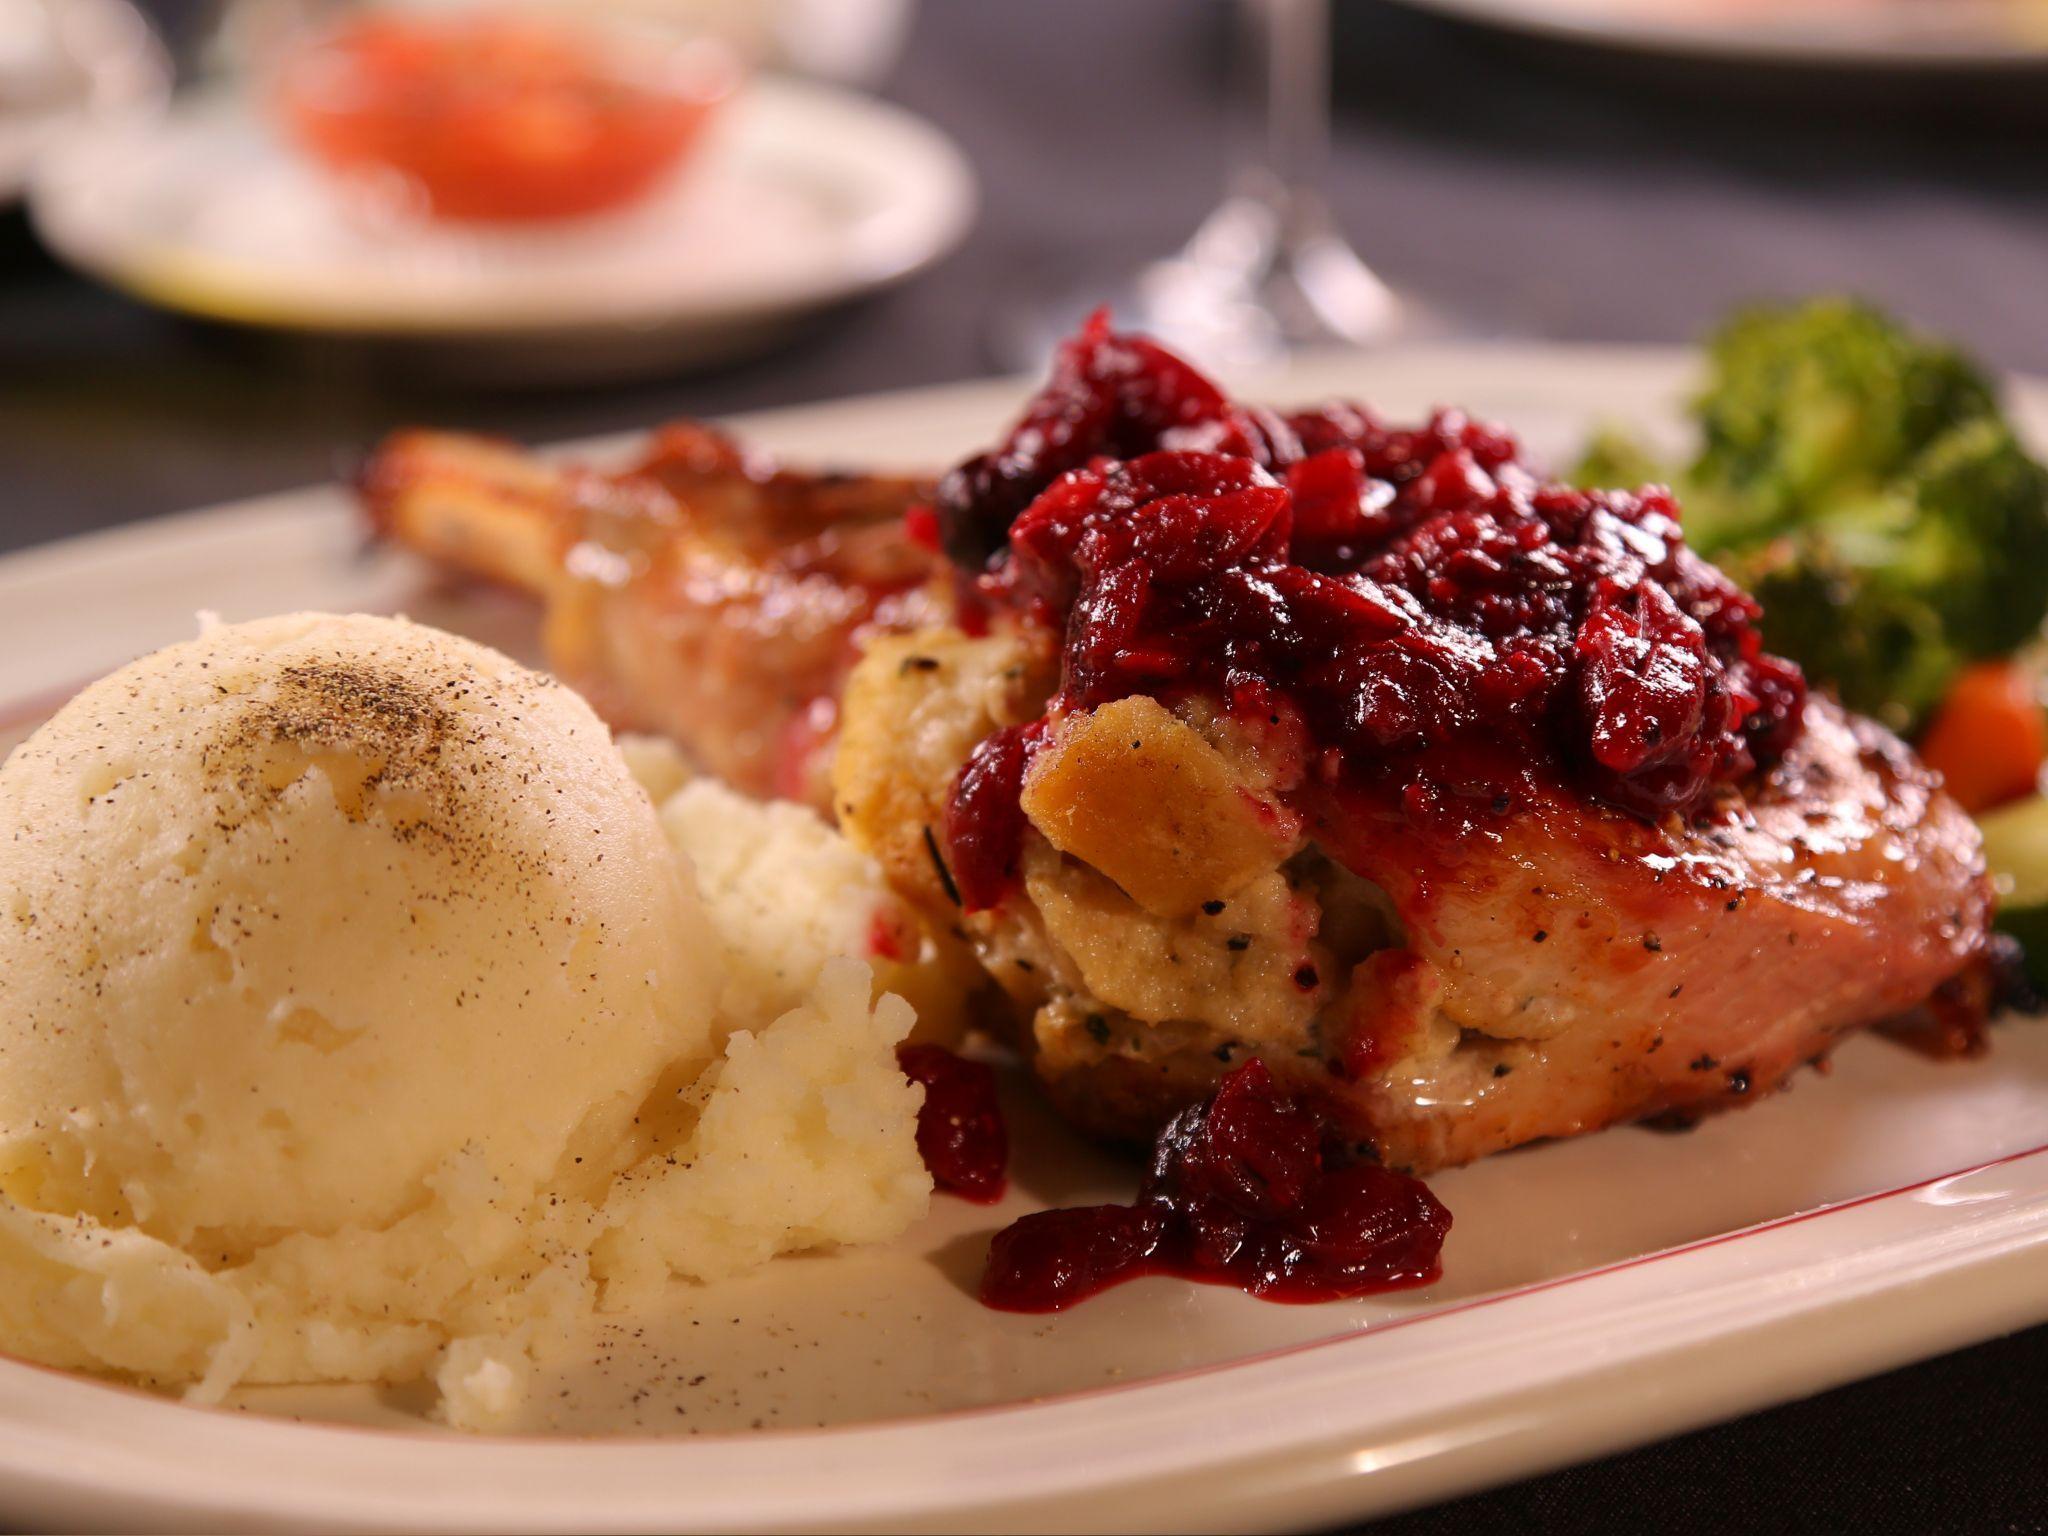 Kc steakhouse bakersfield ca food network foodnetwork kc steakhouse bakersfield ca food network foodnetwork forumfinder Images